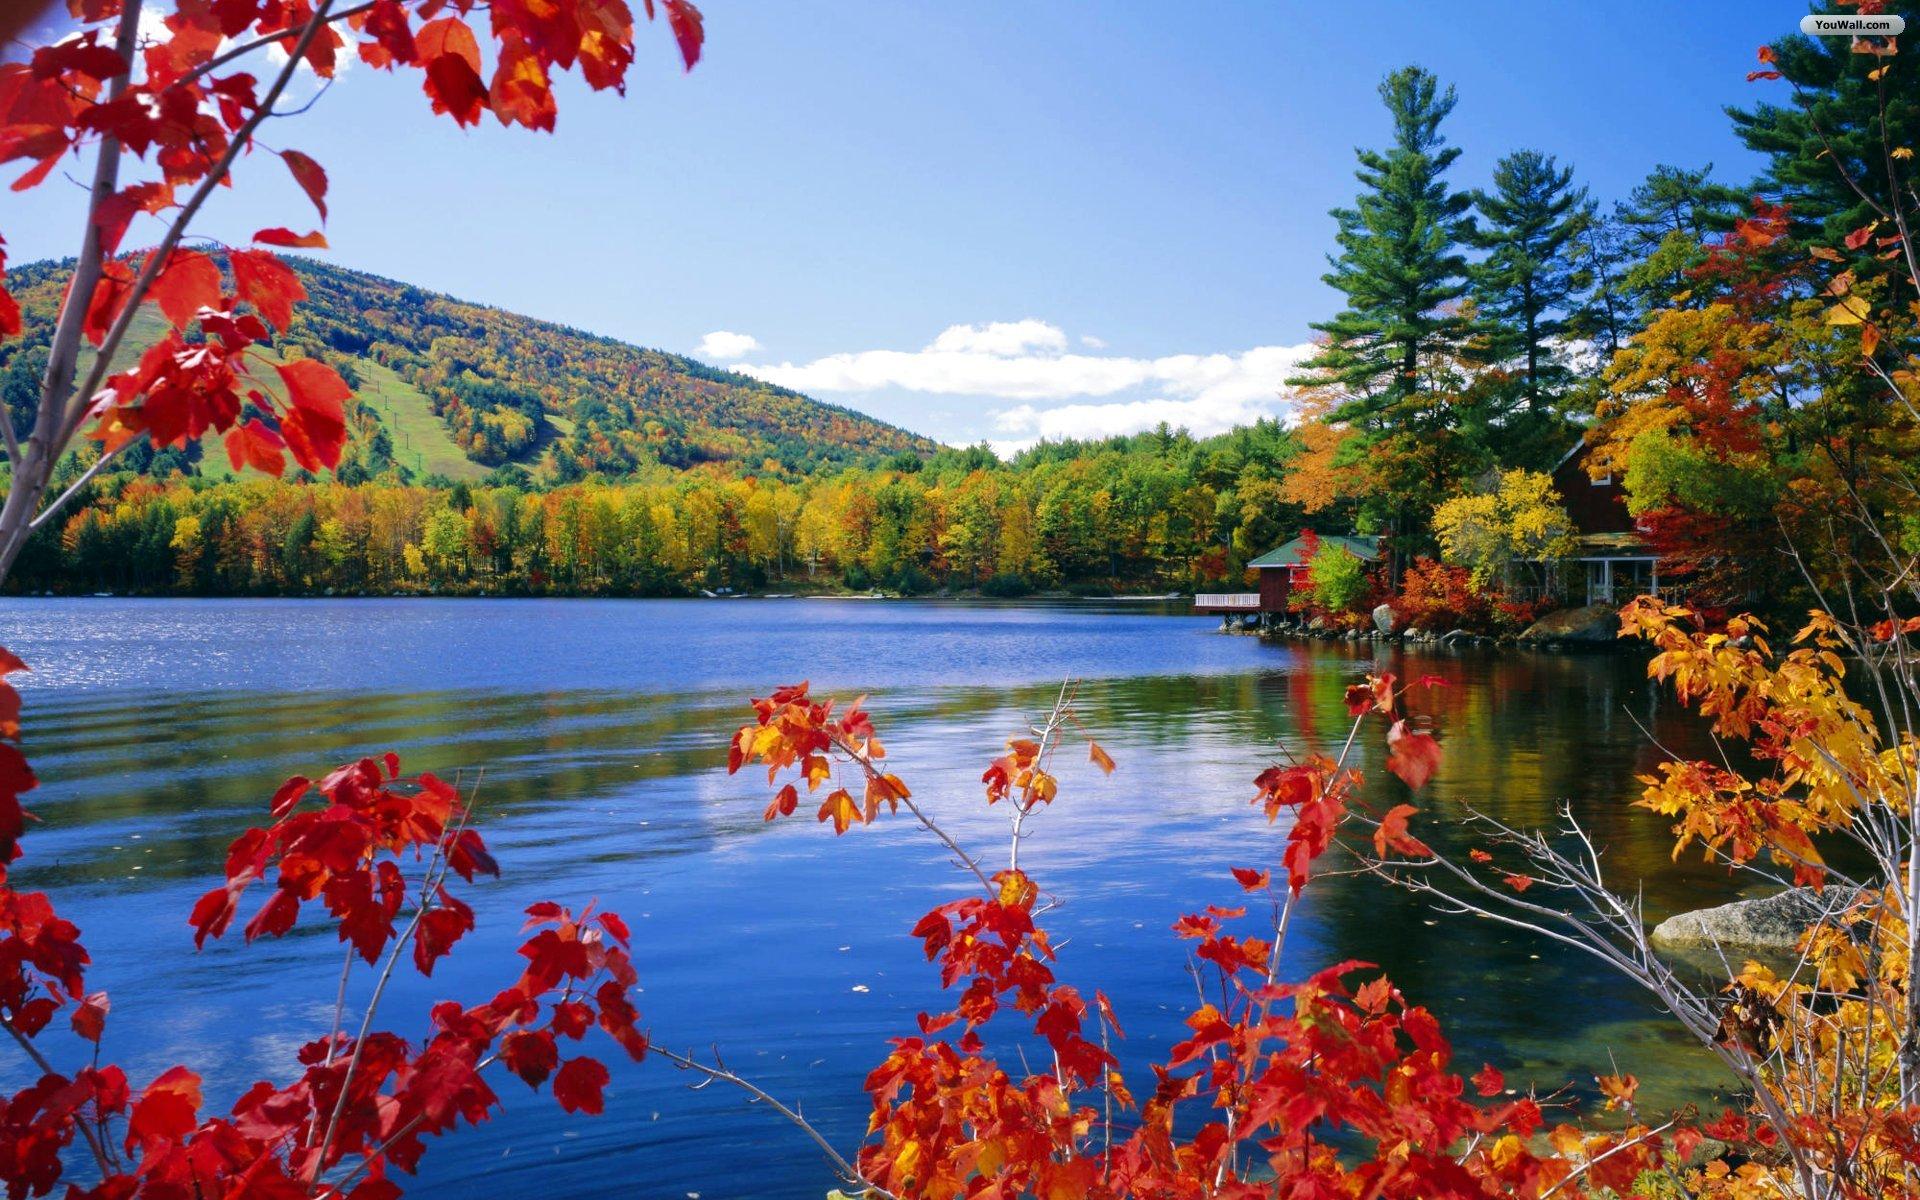 Осень природа картинки для рабочего стола